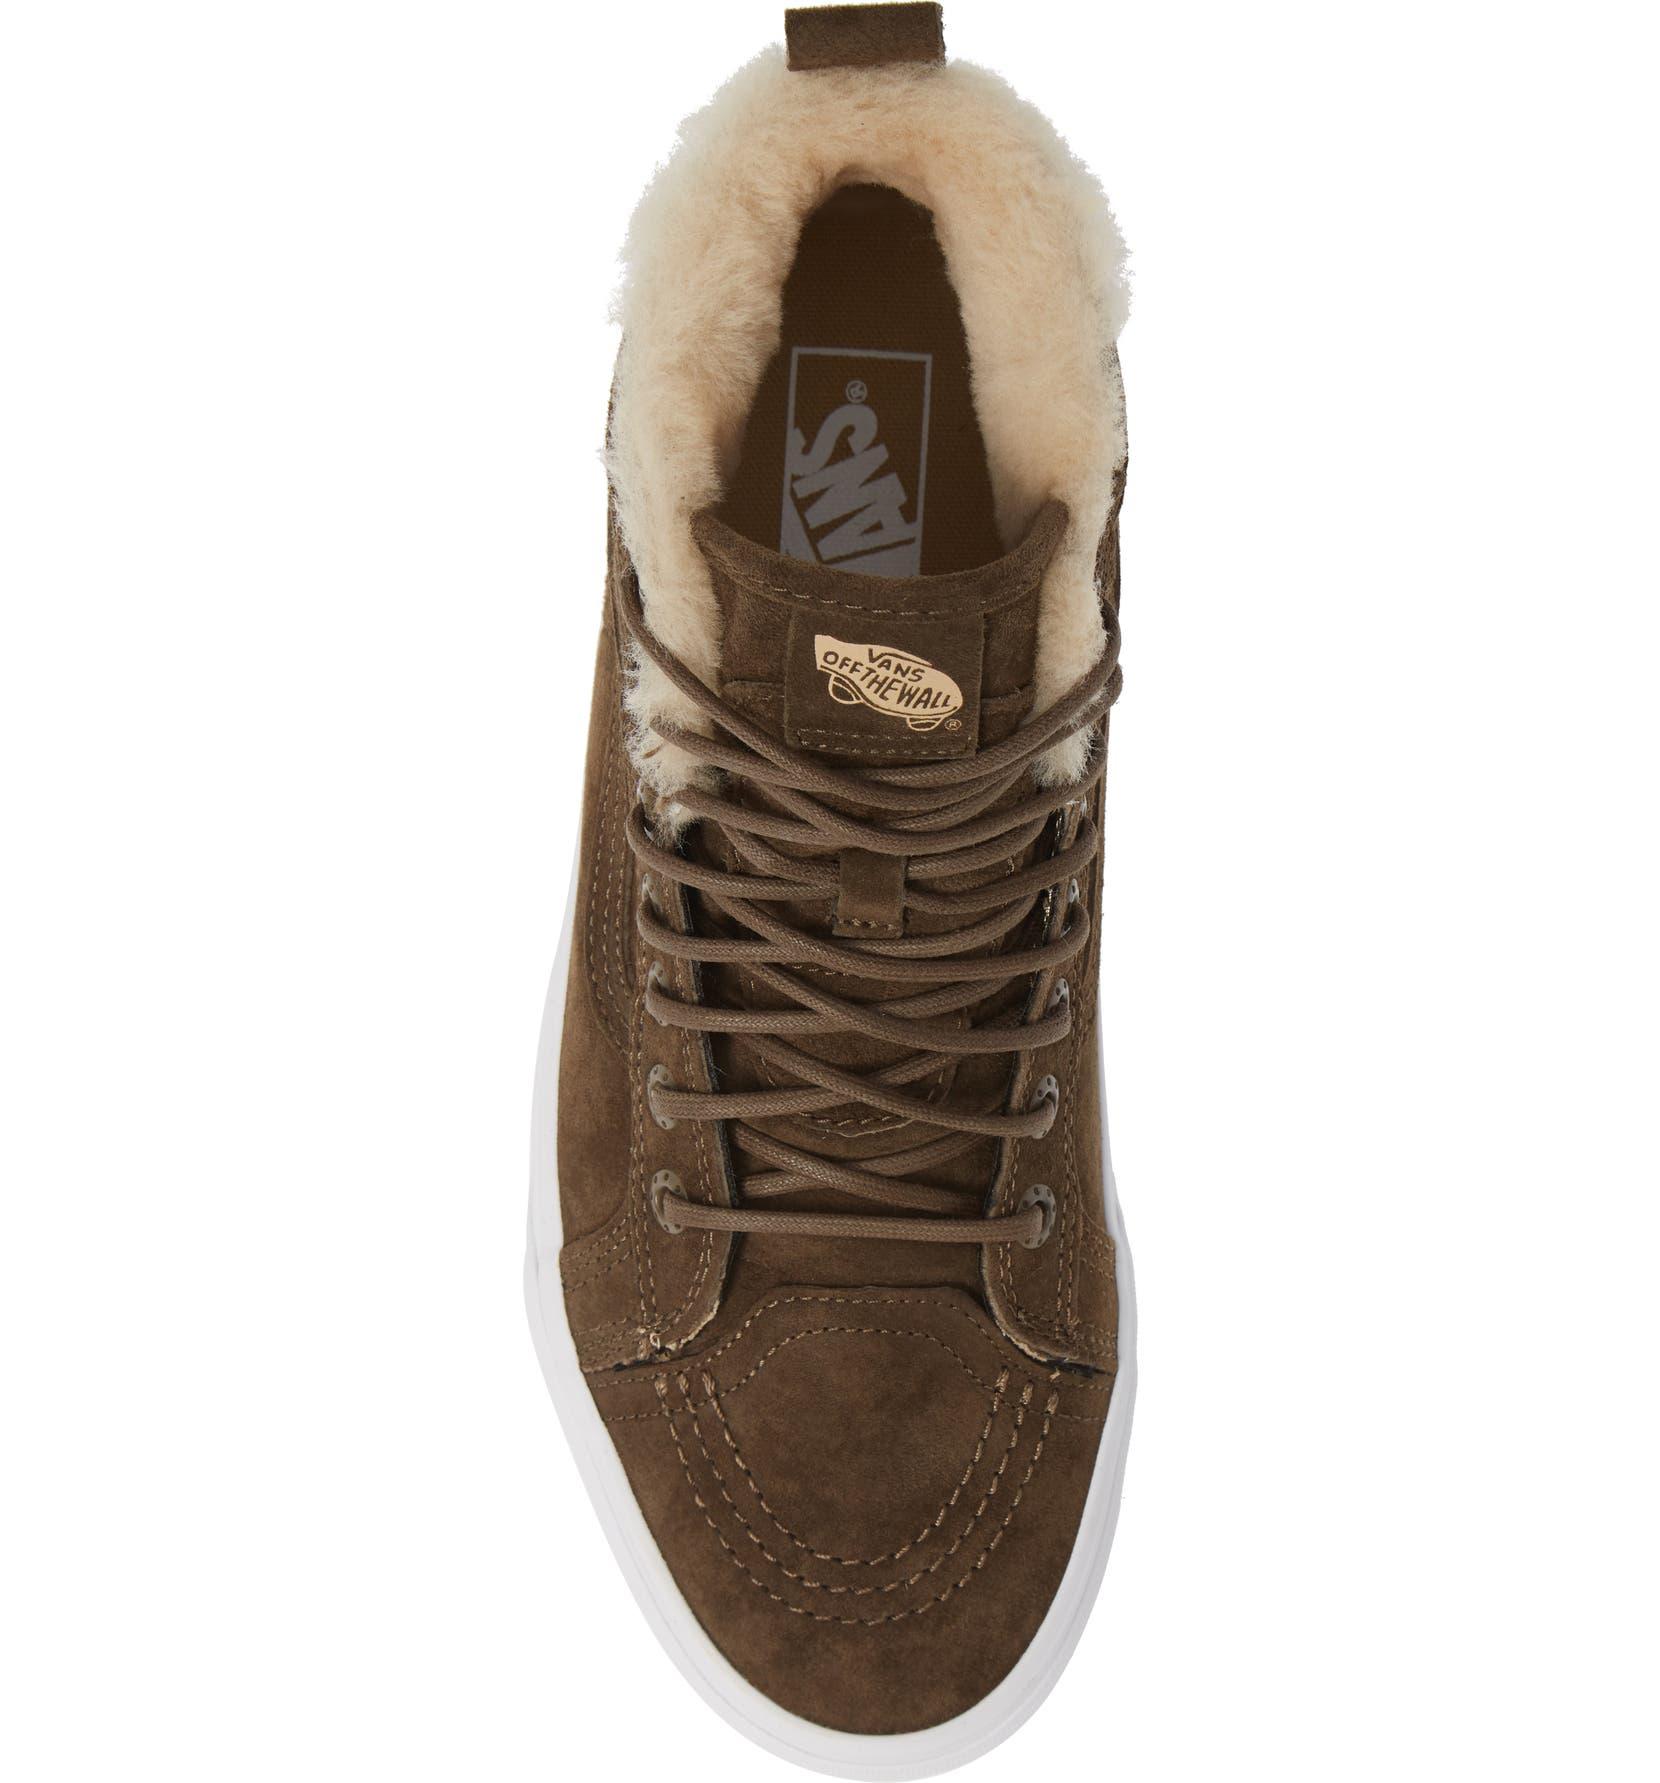 d7cf84d430 Vans NYC Sk8 Hi 46 MTE DX Sneaker (Men) (Nordstrom Exclusive ...